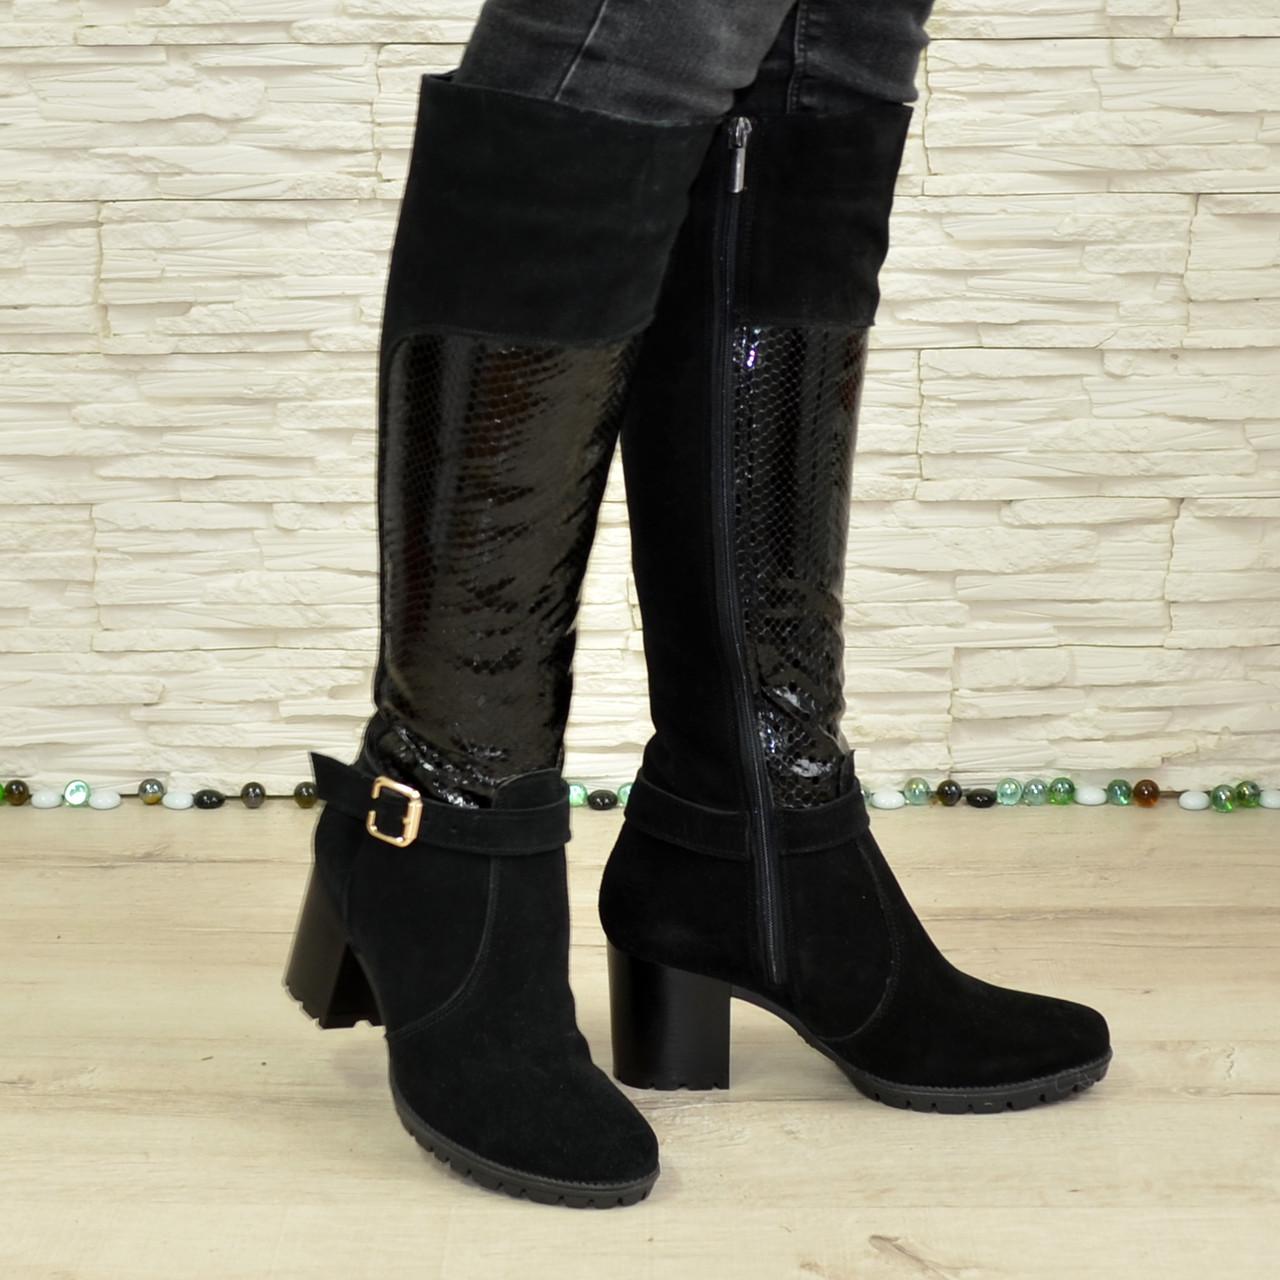 3628676ea Женские зимние черные замшевые сапоги на устойчивом каблуке, декорированы  ремешками. В наличии 37 размер